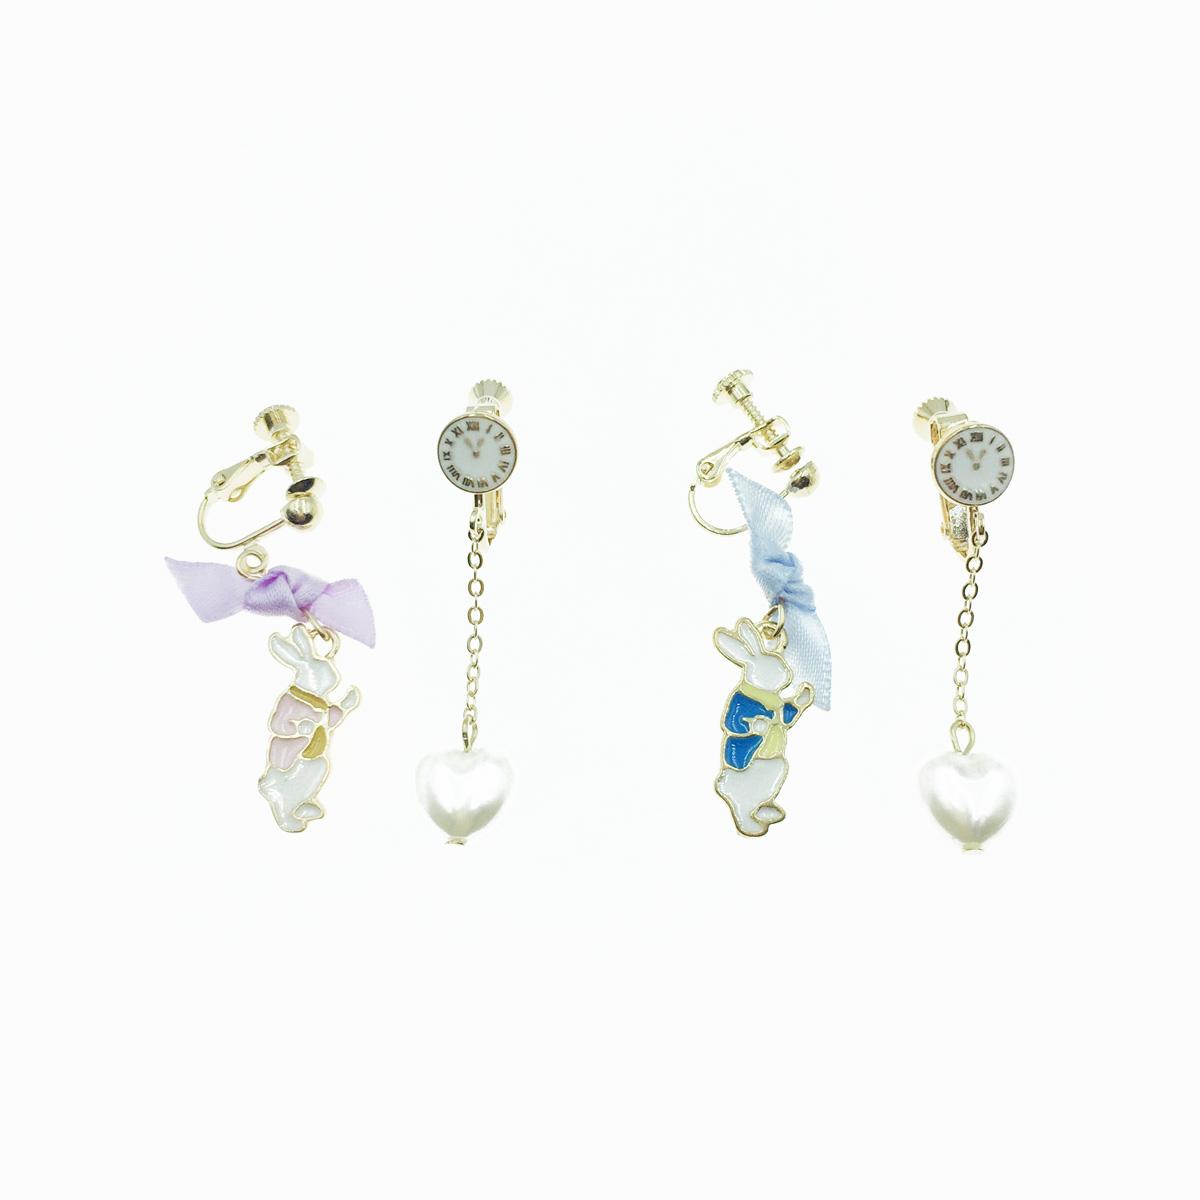 韓國 愛麗絲 時鐘兔子 扭結 蝴蝶結 愛心珍珠 垂墜 夾式耳環